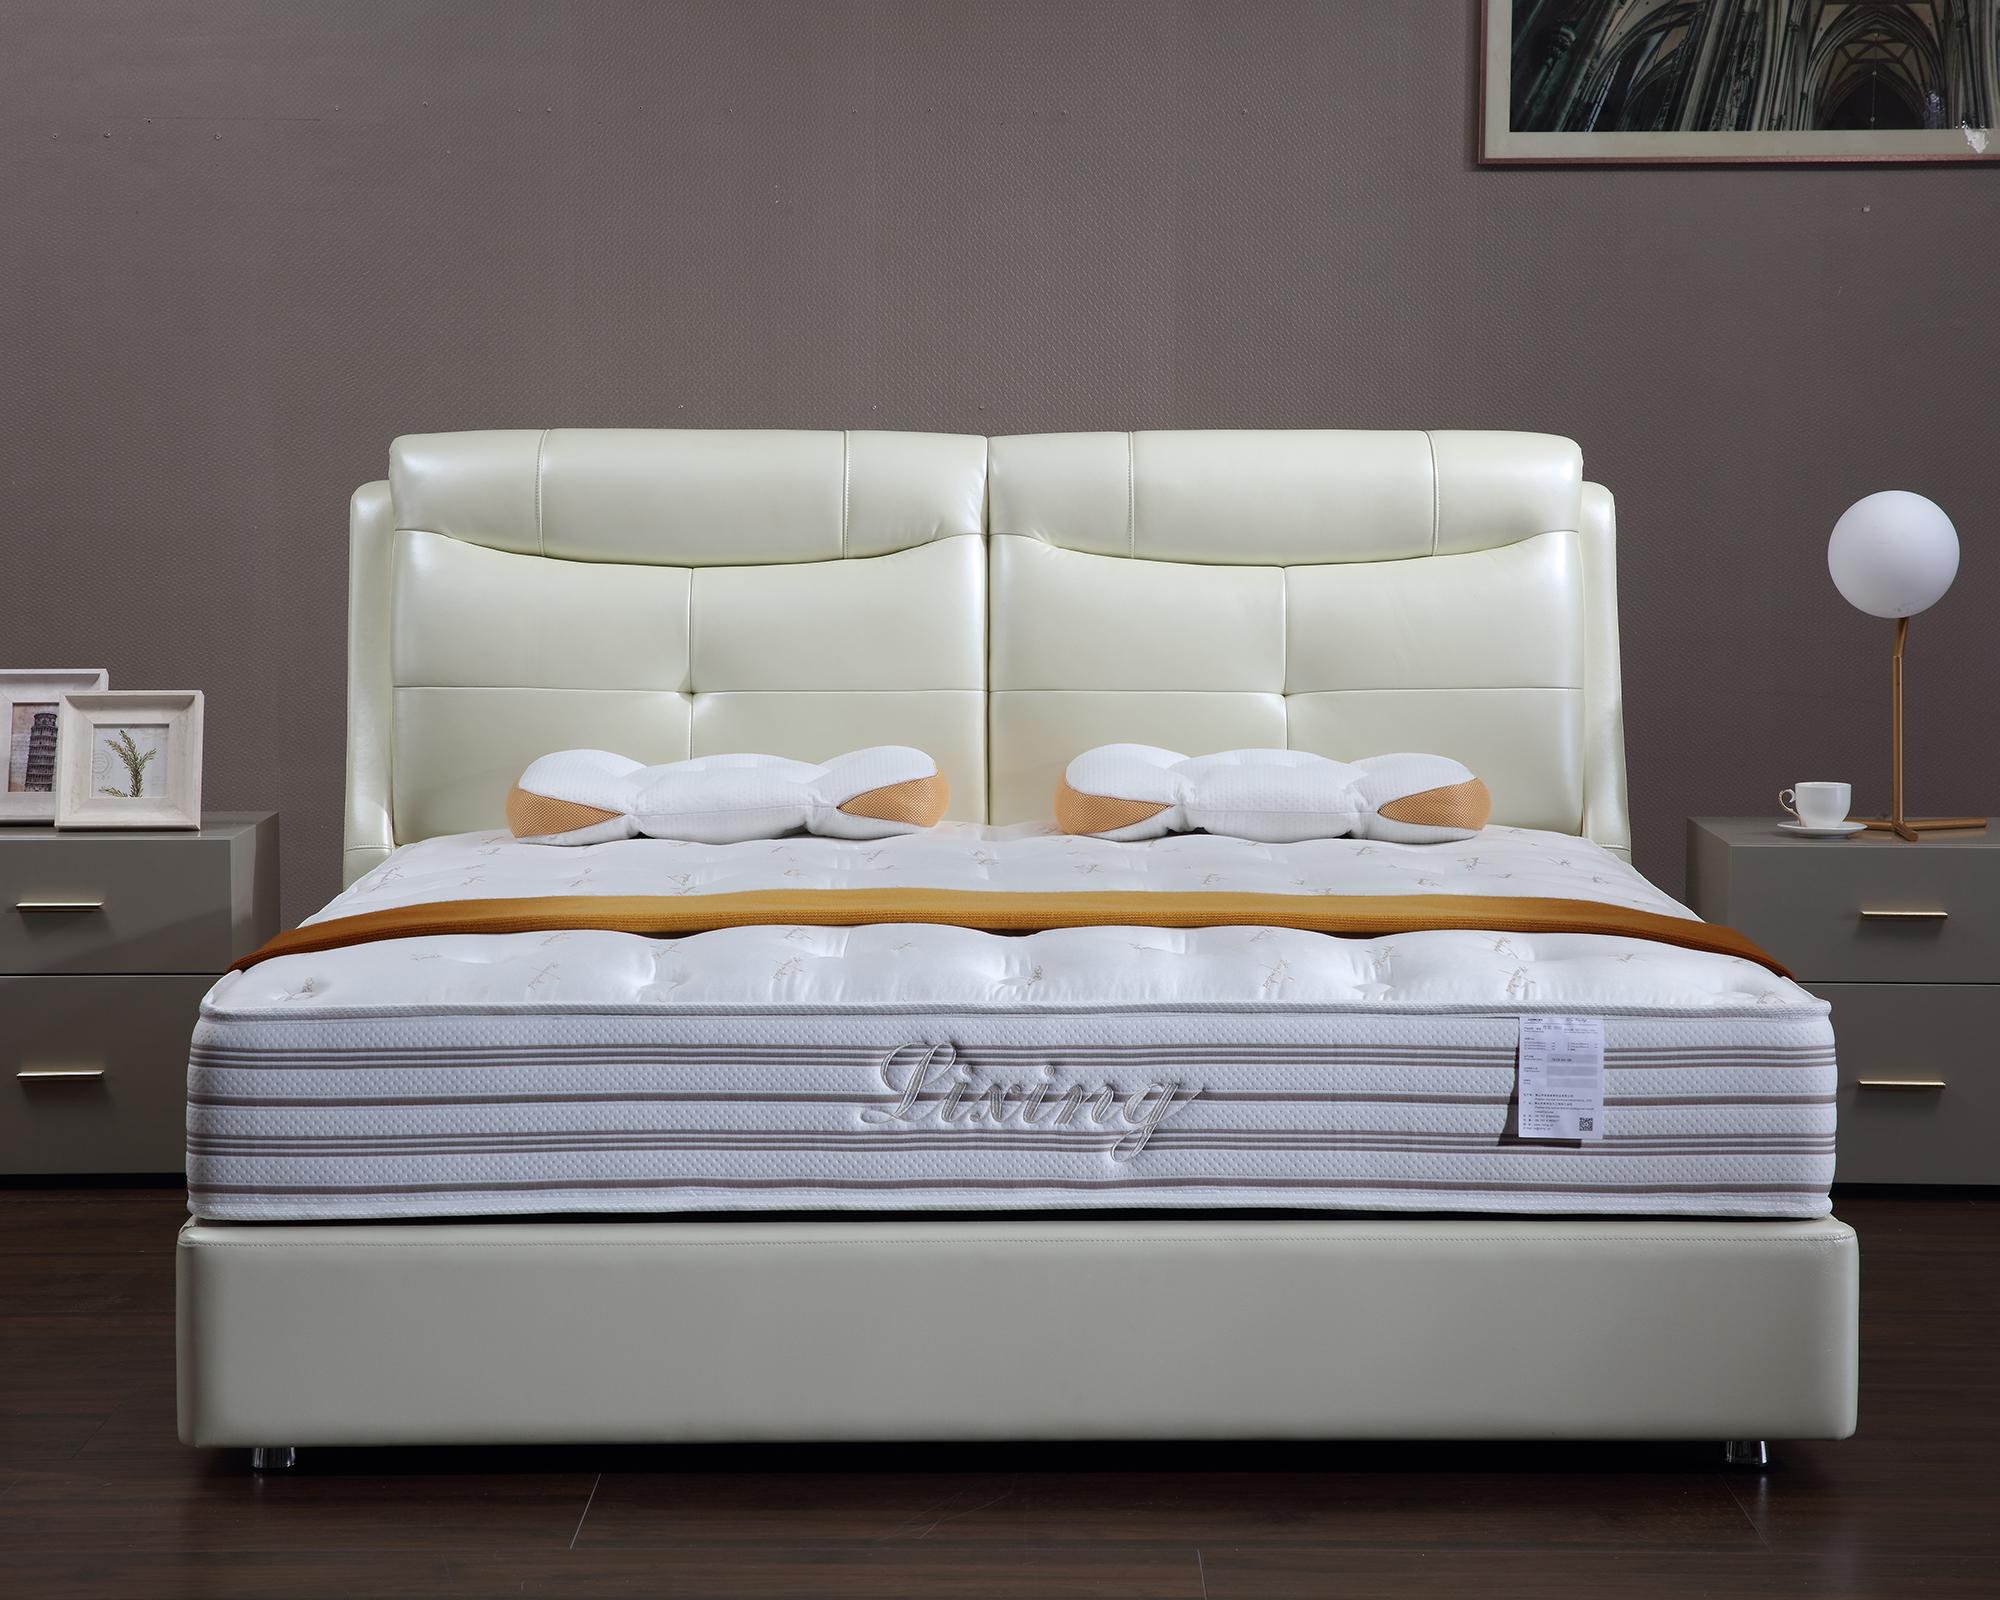 홈 가구 현대 정품 가죽 침대 upholstered 침대 높은 머리판